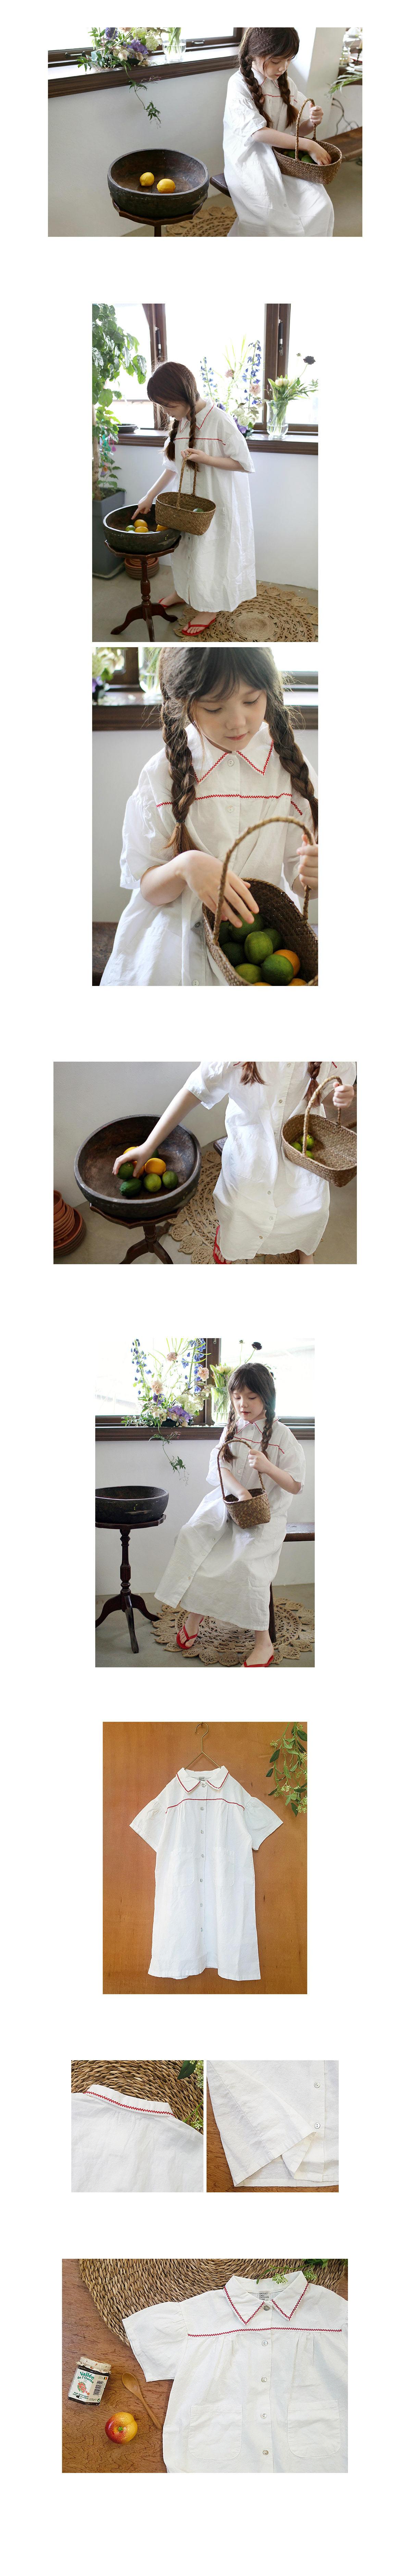 SCON - Korean Children Fashion - #Kfashion4kids - Saydean One-piece - 2